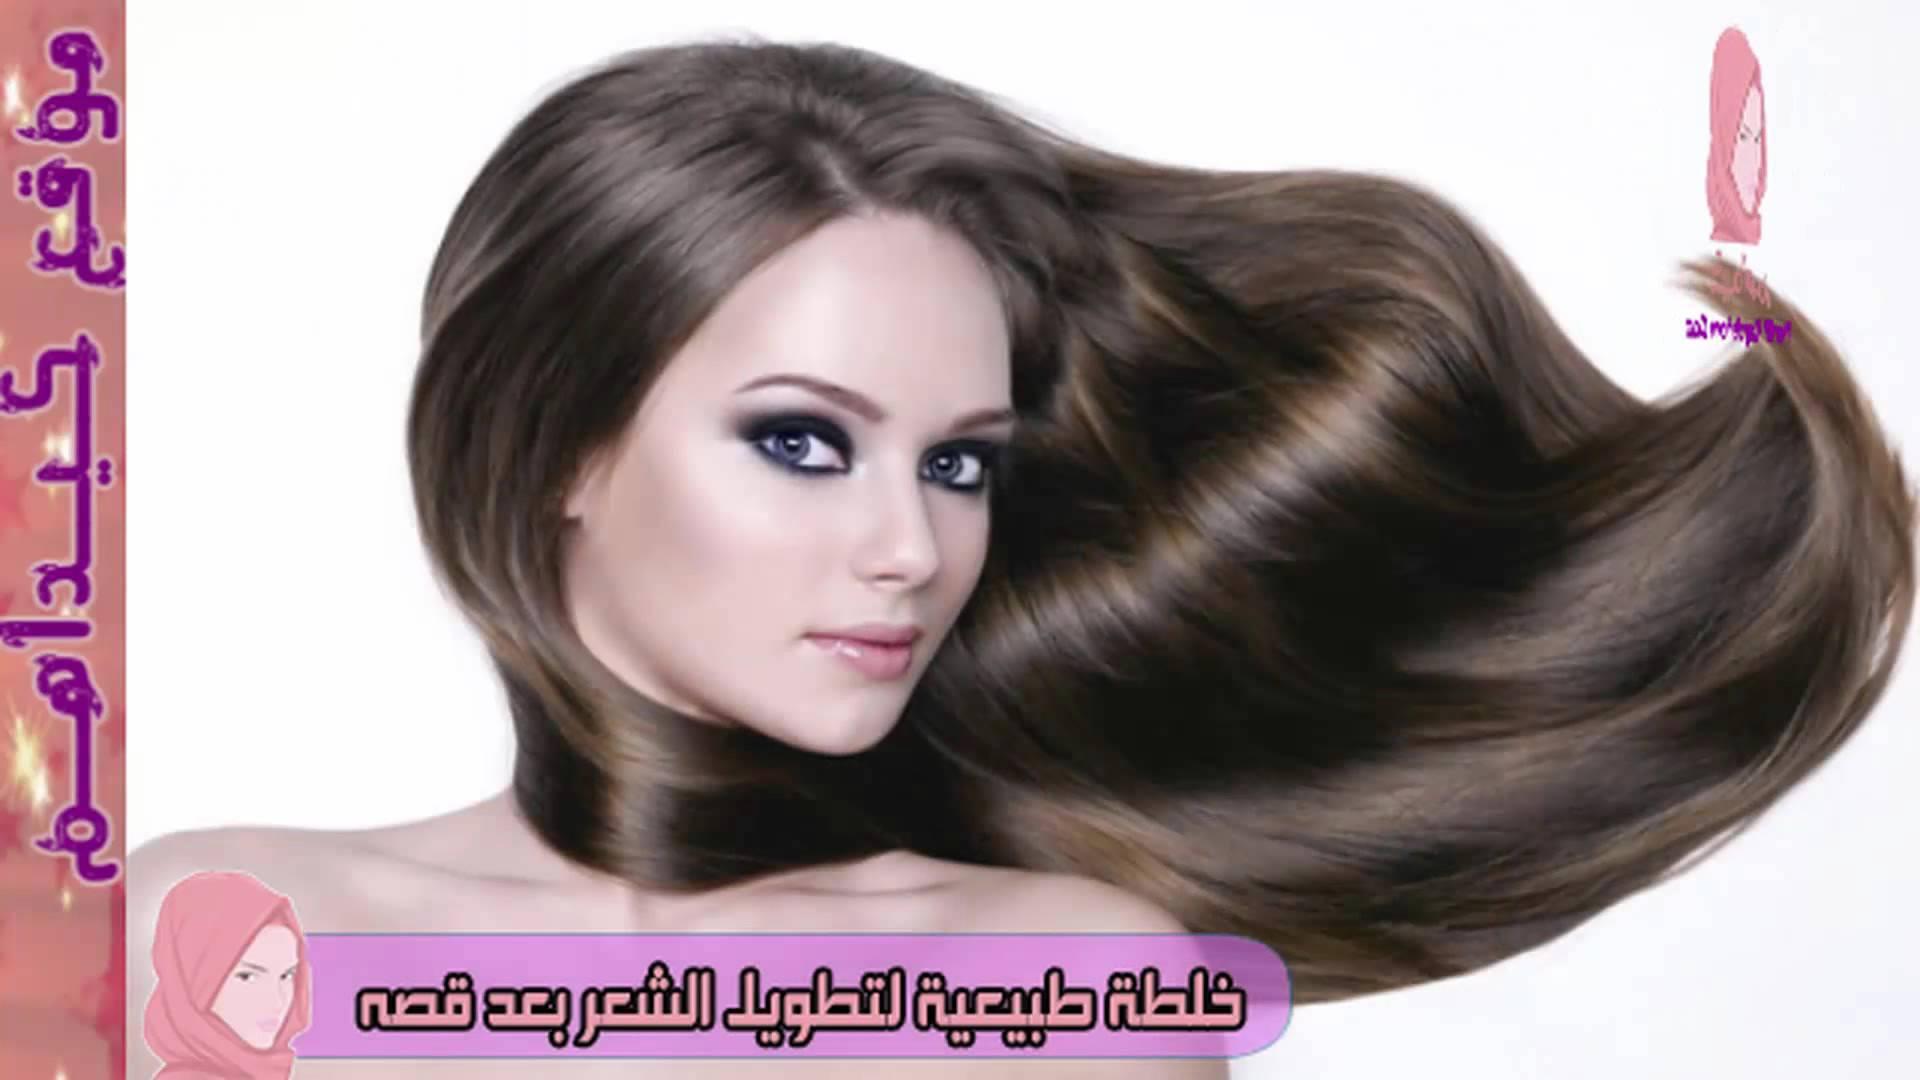 صورة طريقة طبيعية لتطويل الشعر في مدة قصيرة , الشعر القصير والطويل يجننونا 20160607 226